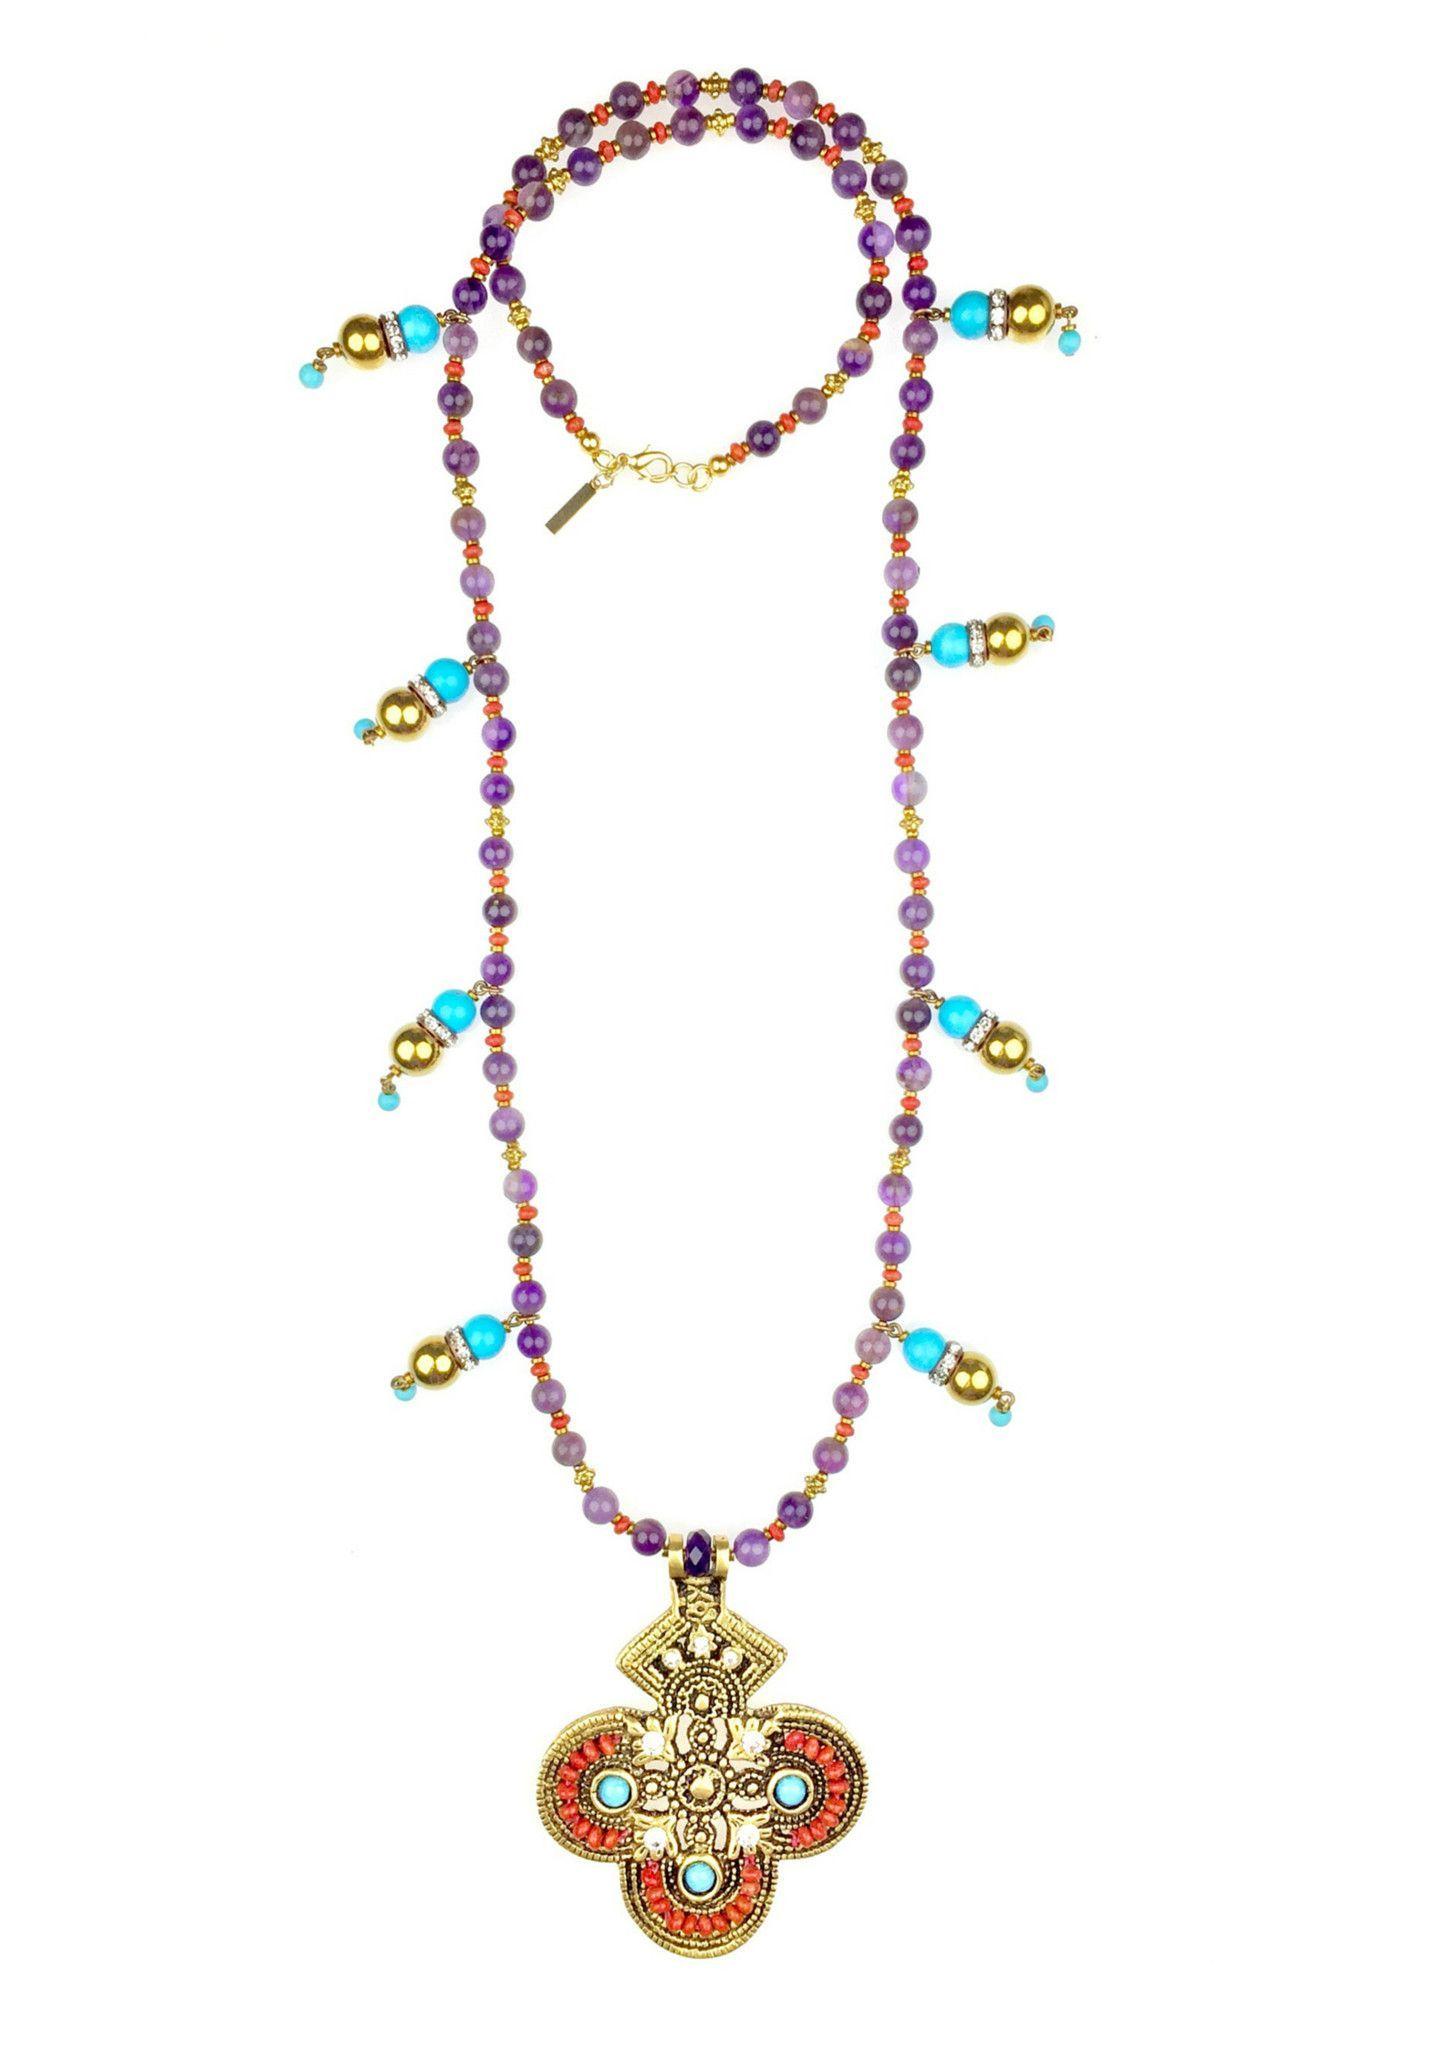 Yucatan Princess Necklace